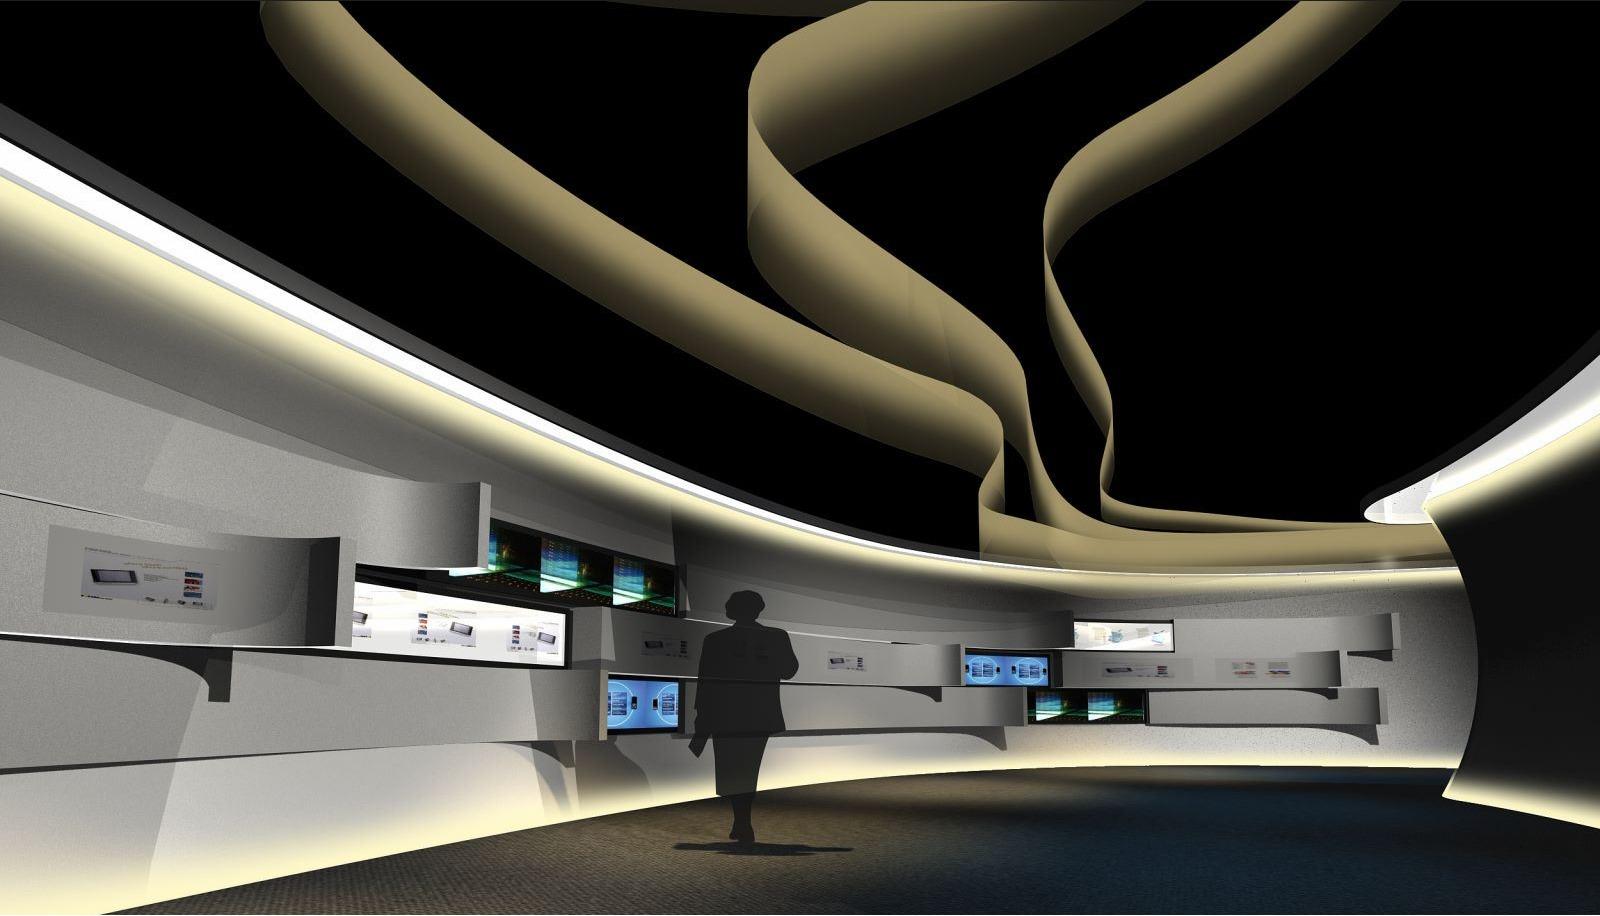 展厅设计 展厅改造 企业展厅 党群活动室 党群宣传 科技展厅